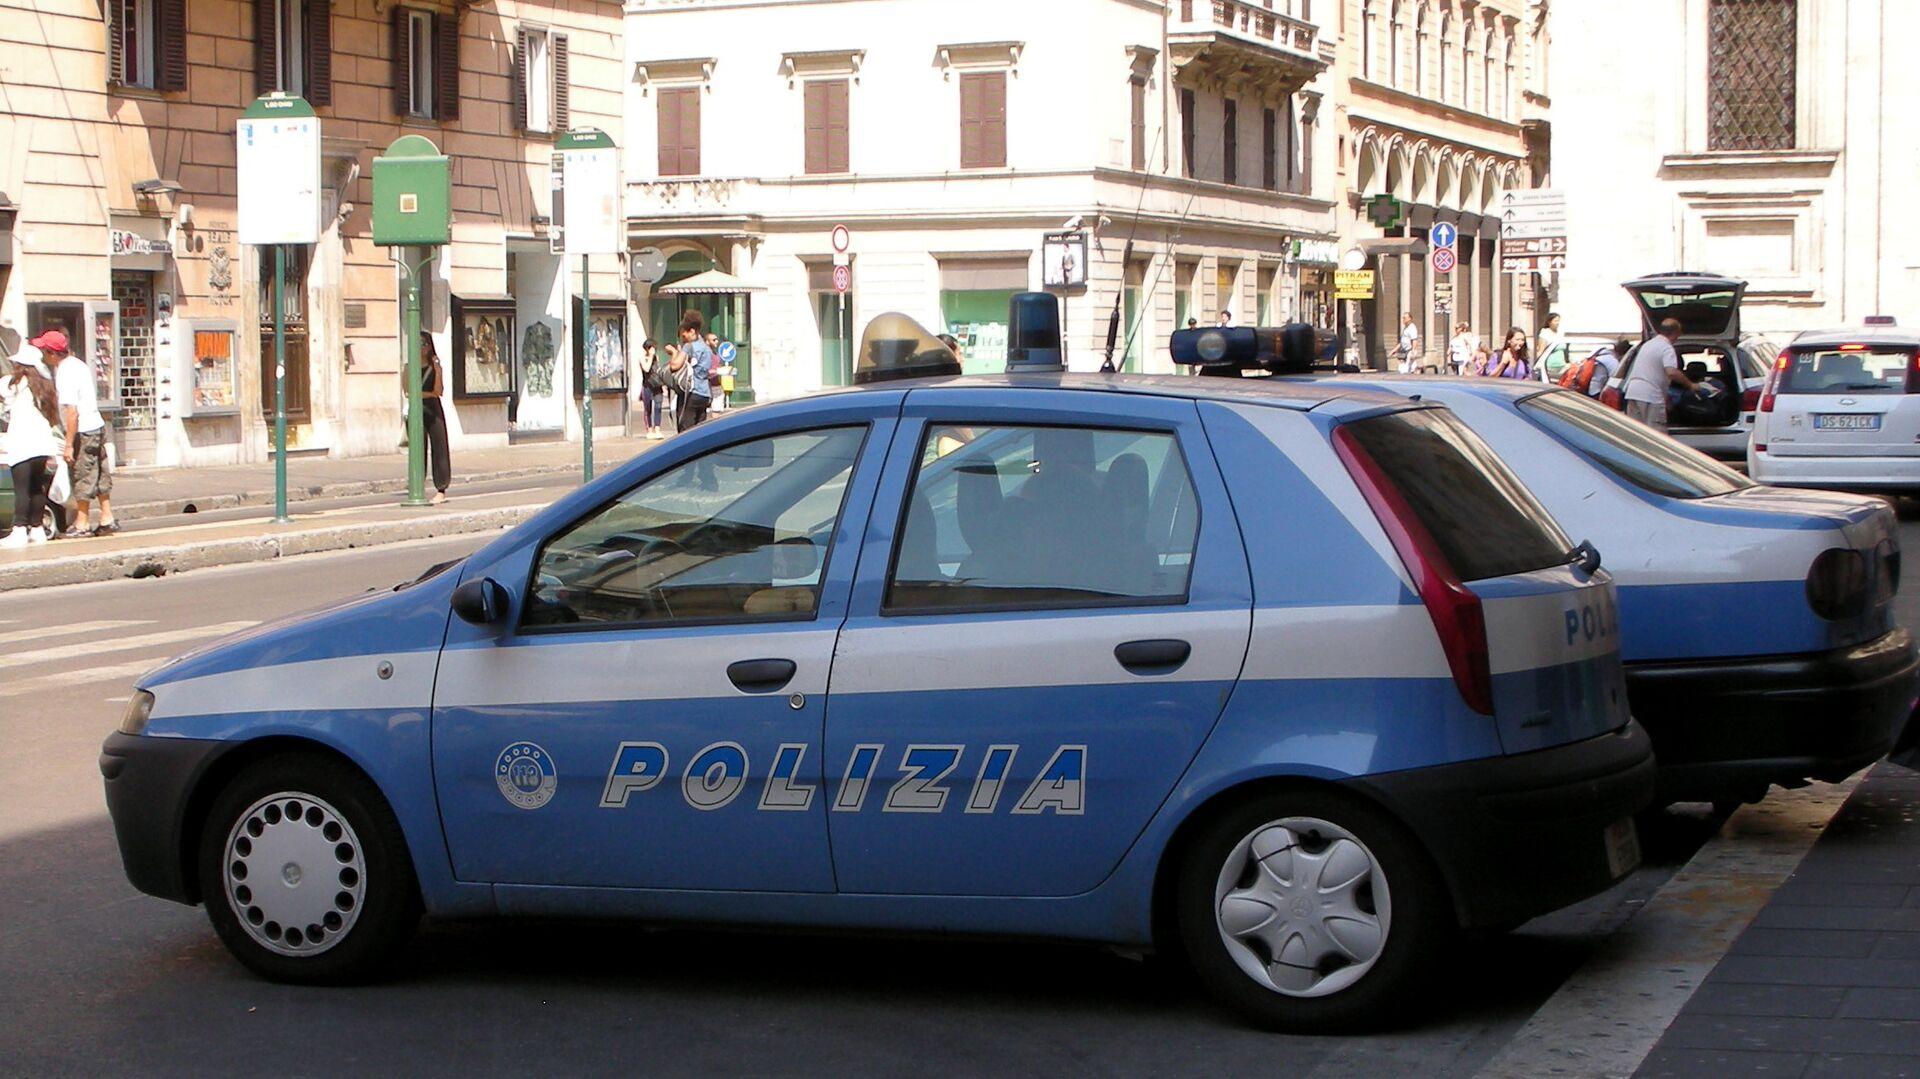 Итальянская полиция - РИА Новости, 1920, 13.06.2021